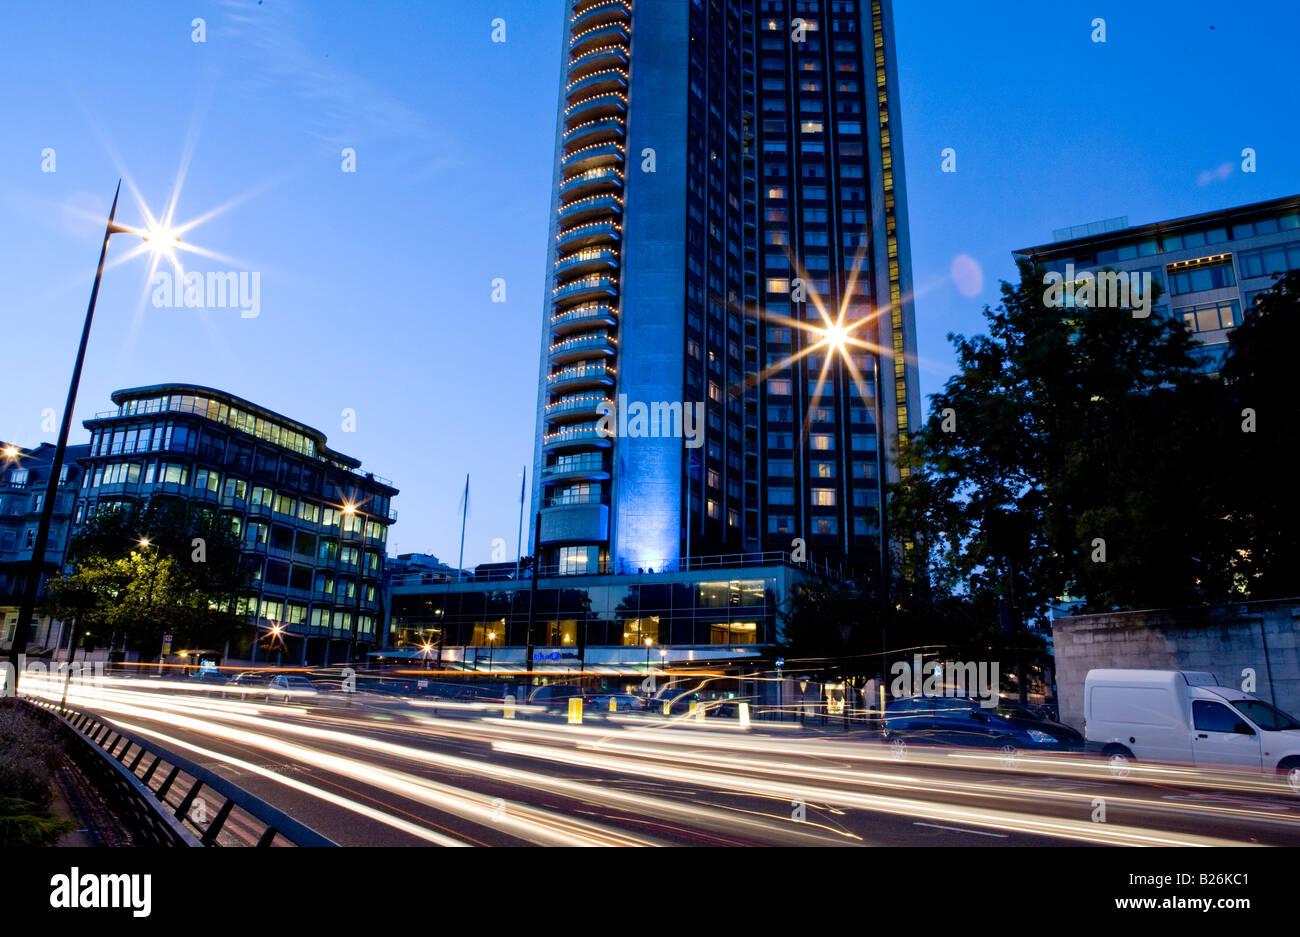 Hilton Hotel Park Lane London UK Europe - Stock Image